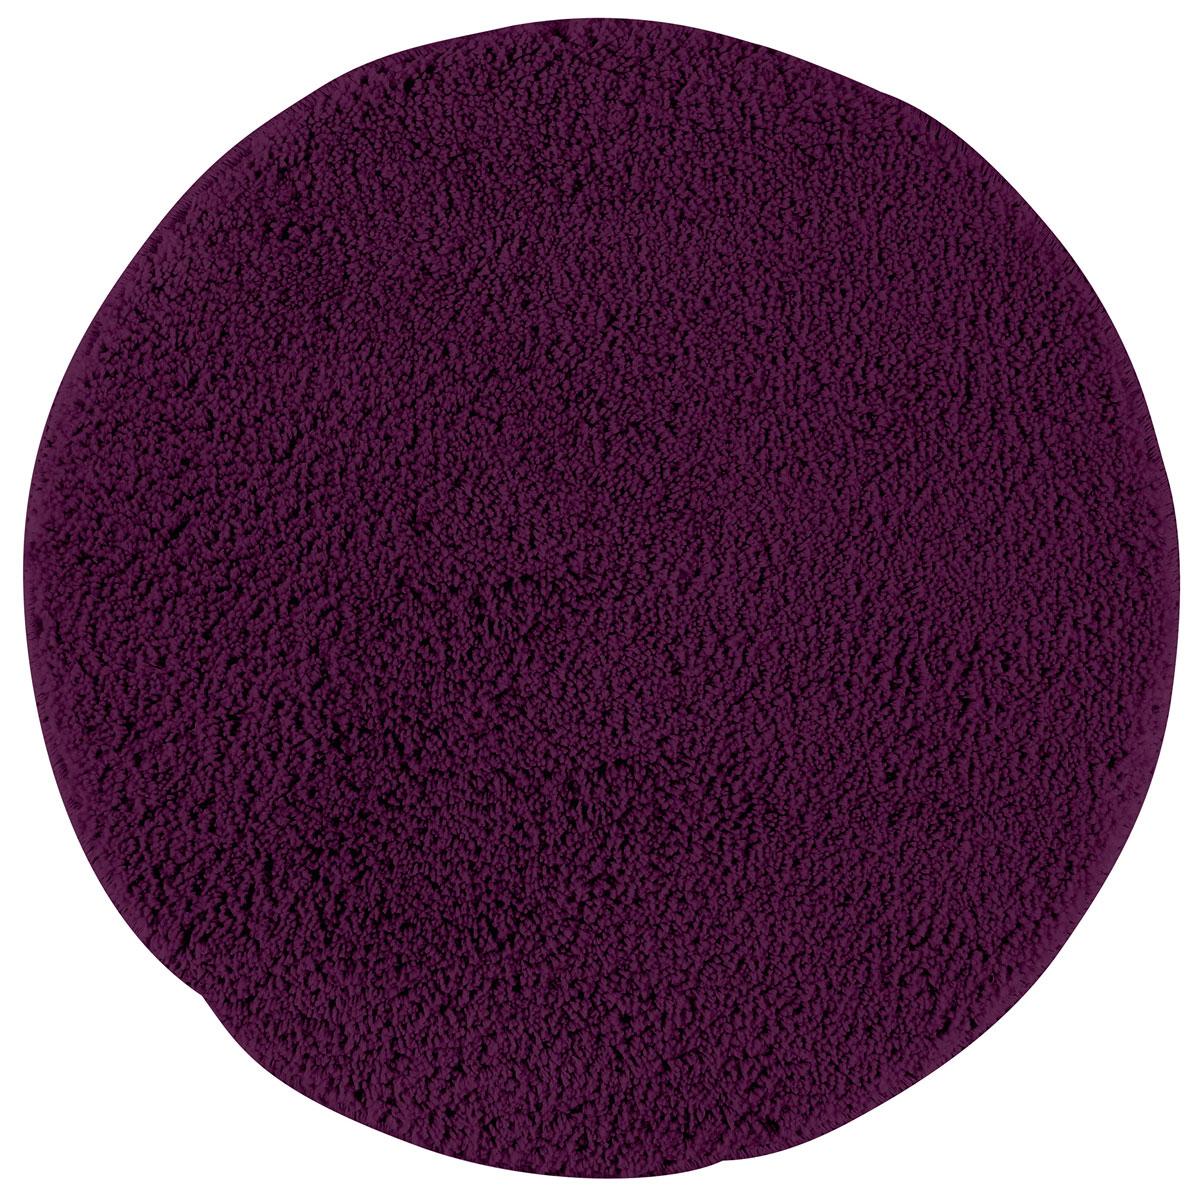 Коврик для ванной Axentia, противоскользящий, цвет: фиолетовый, диаметр 50 см116066Круглый коврик для ванной комнаты Axentia выполнен из высококачественной микрофибры. Противоскользящее основание изготовлено из термопластичной резины и подходит для полов с подогревом. Коврик стеганый, мягкий и приятный на ощупь, отлично впитывает влагу и быстро сохнет. Высокая износостойкость коврика и стойкость цвета позволит вам наслаждаться покупкой долгие годы.Можно стирать в стиральной машине. Диаметр коврика: 50 см. Высота ворса: 1,5 см.